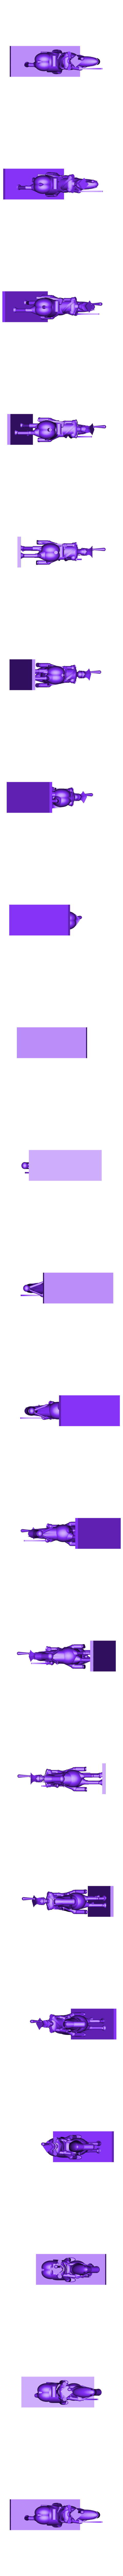 r_uhlan_off1.stl Télécharger fichier STL gratuit Napoléonien - Partie 7b - Uhlans • Modèle imprimable en 3D, Earsling